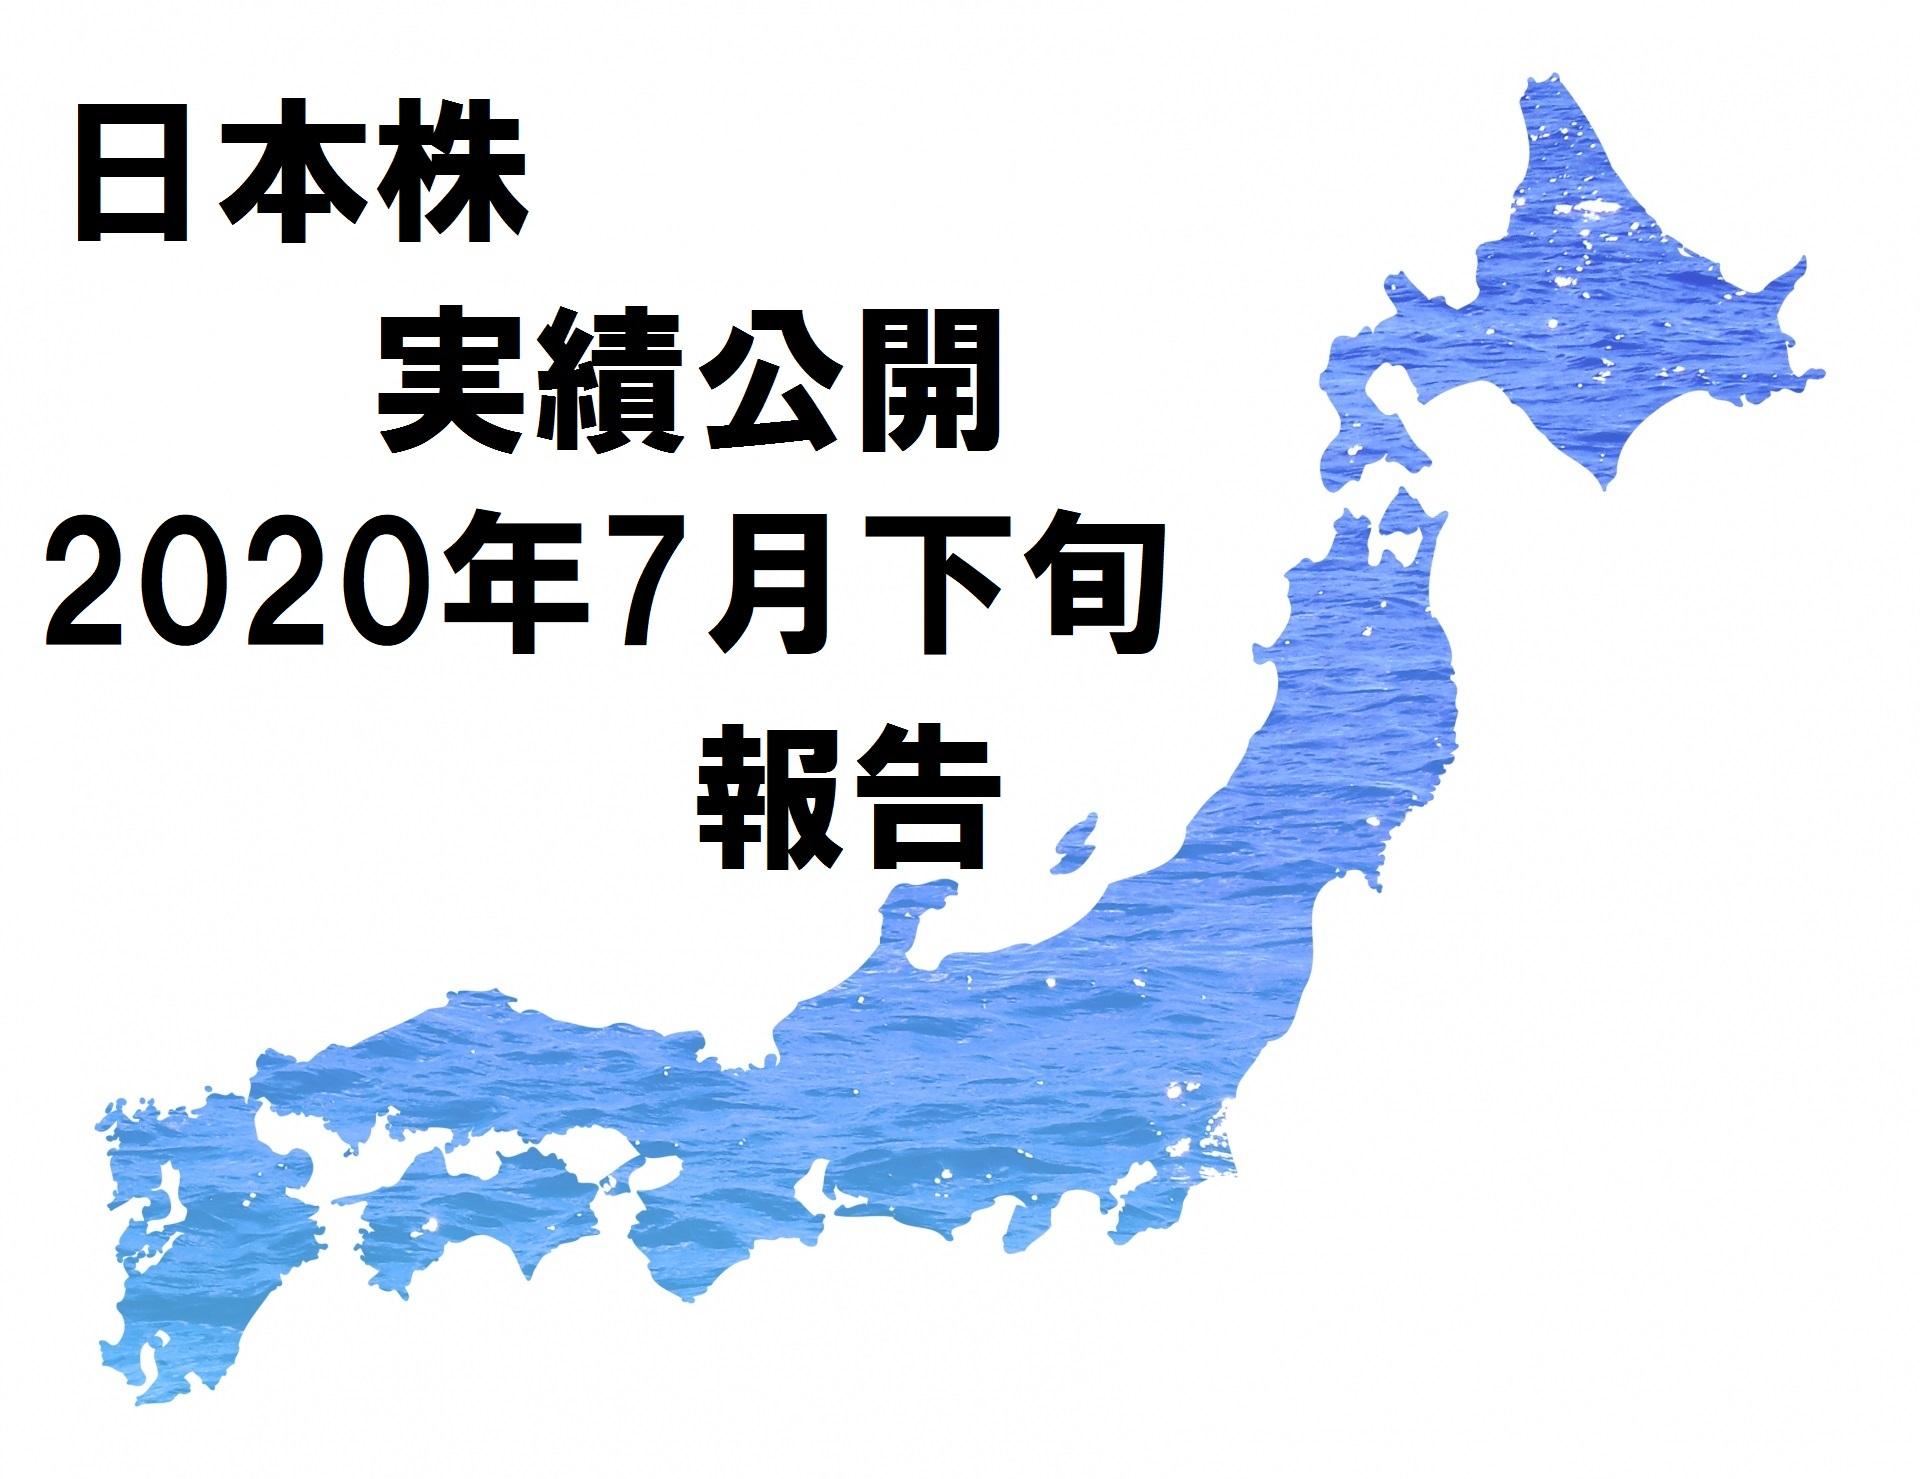 2020年7月下旬時点での日本株実績報告(1銘柄でのマイナスが全体のマイナスに。